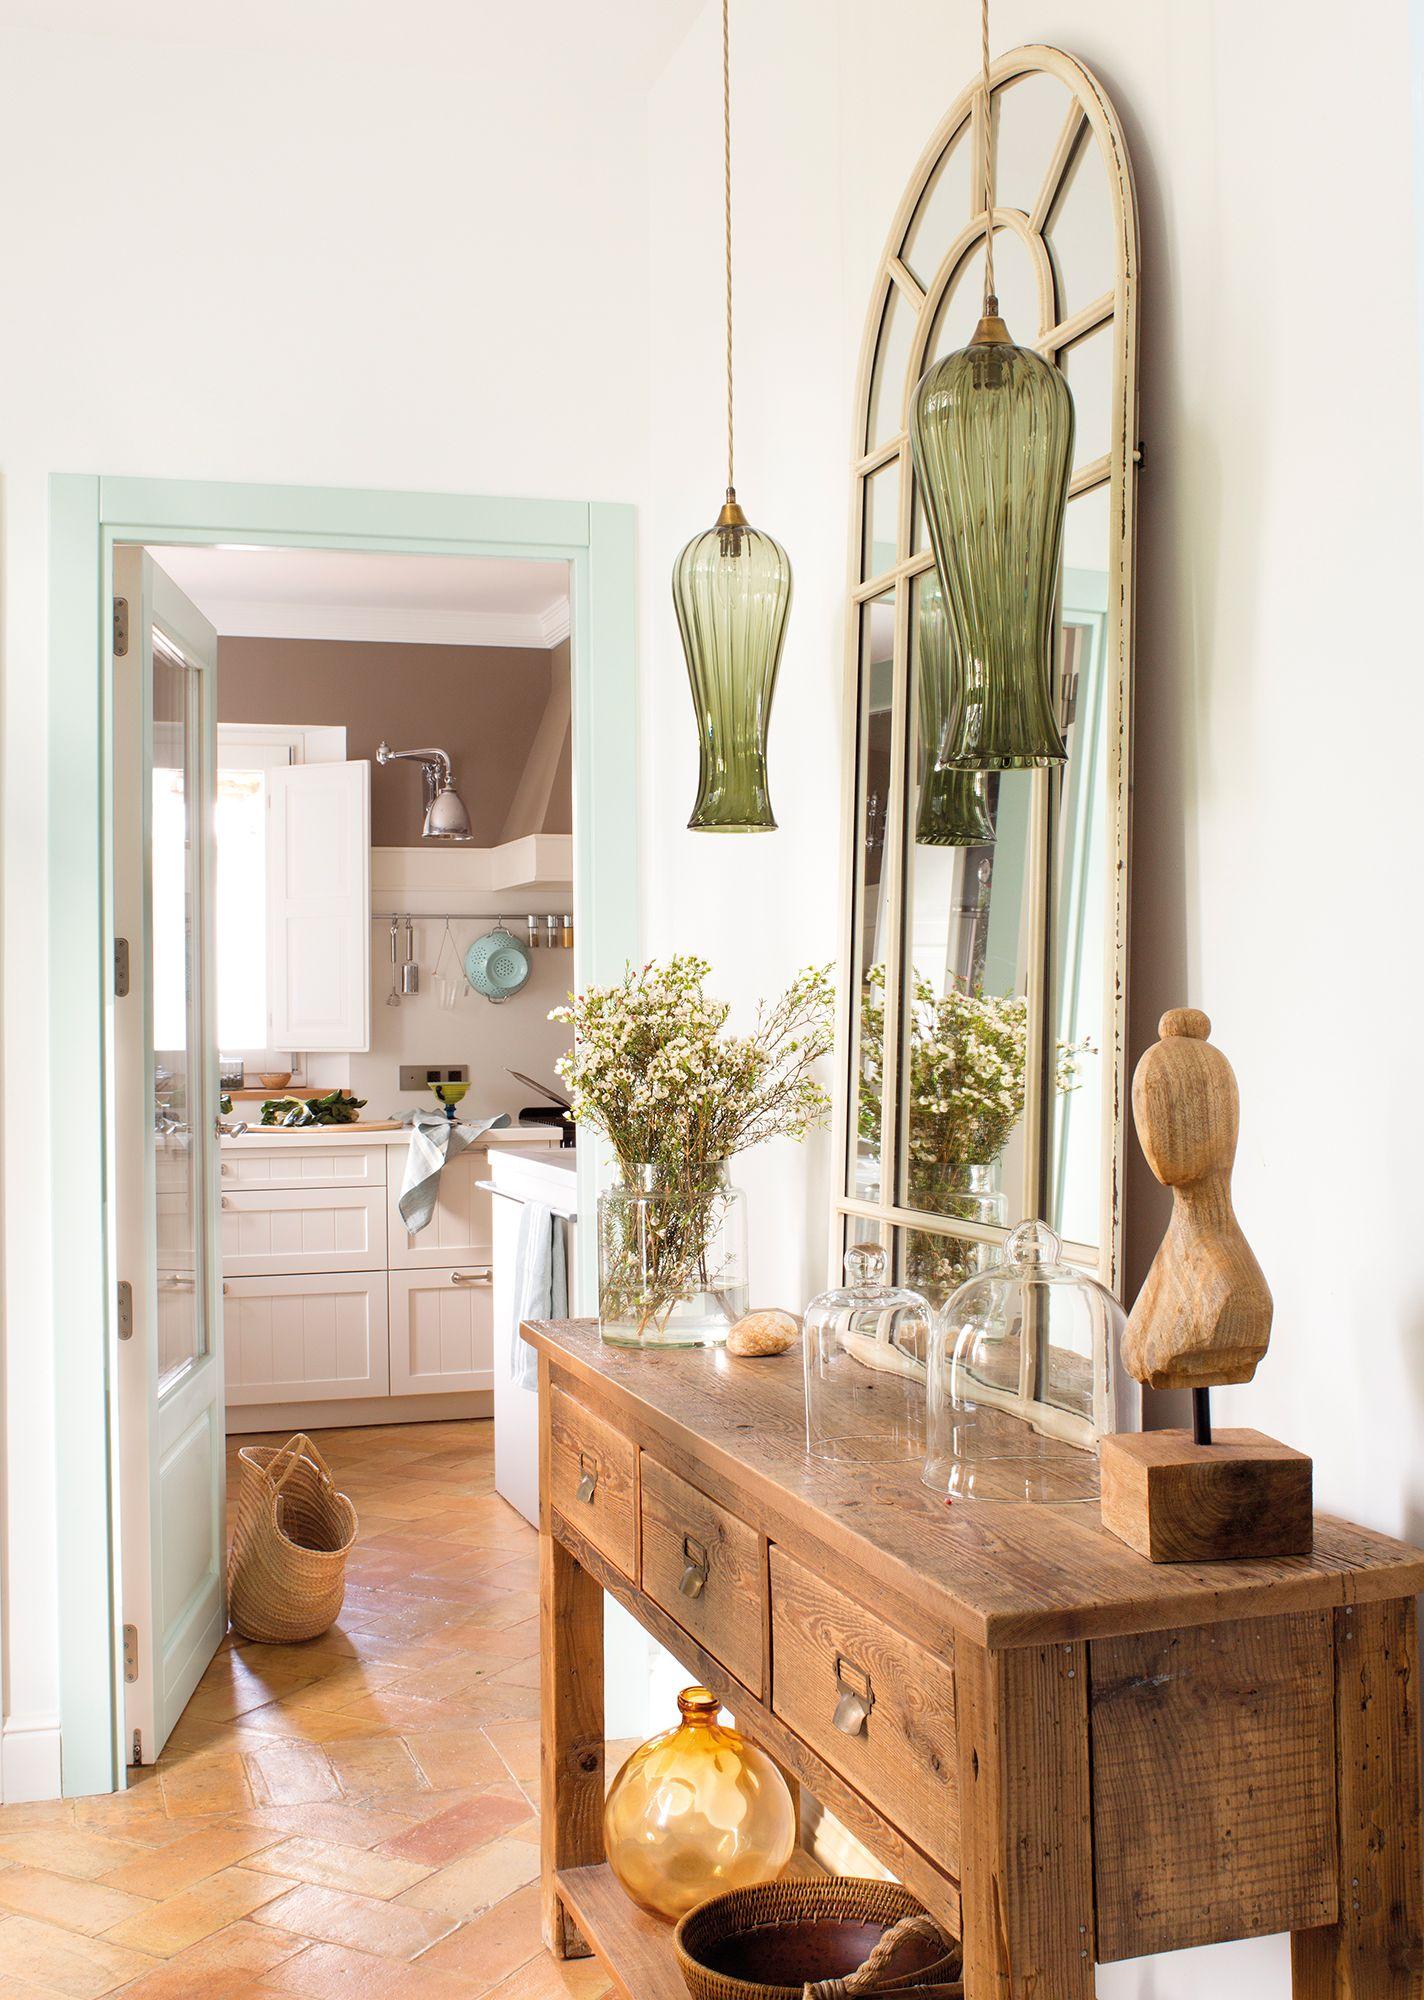 Recibidor con consola espejo y l mparas verdes de cristal for Consolas decoracion hogar